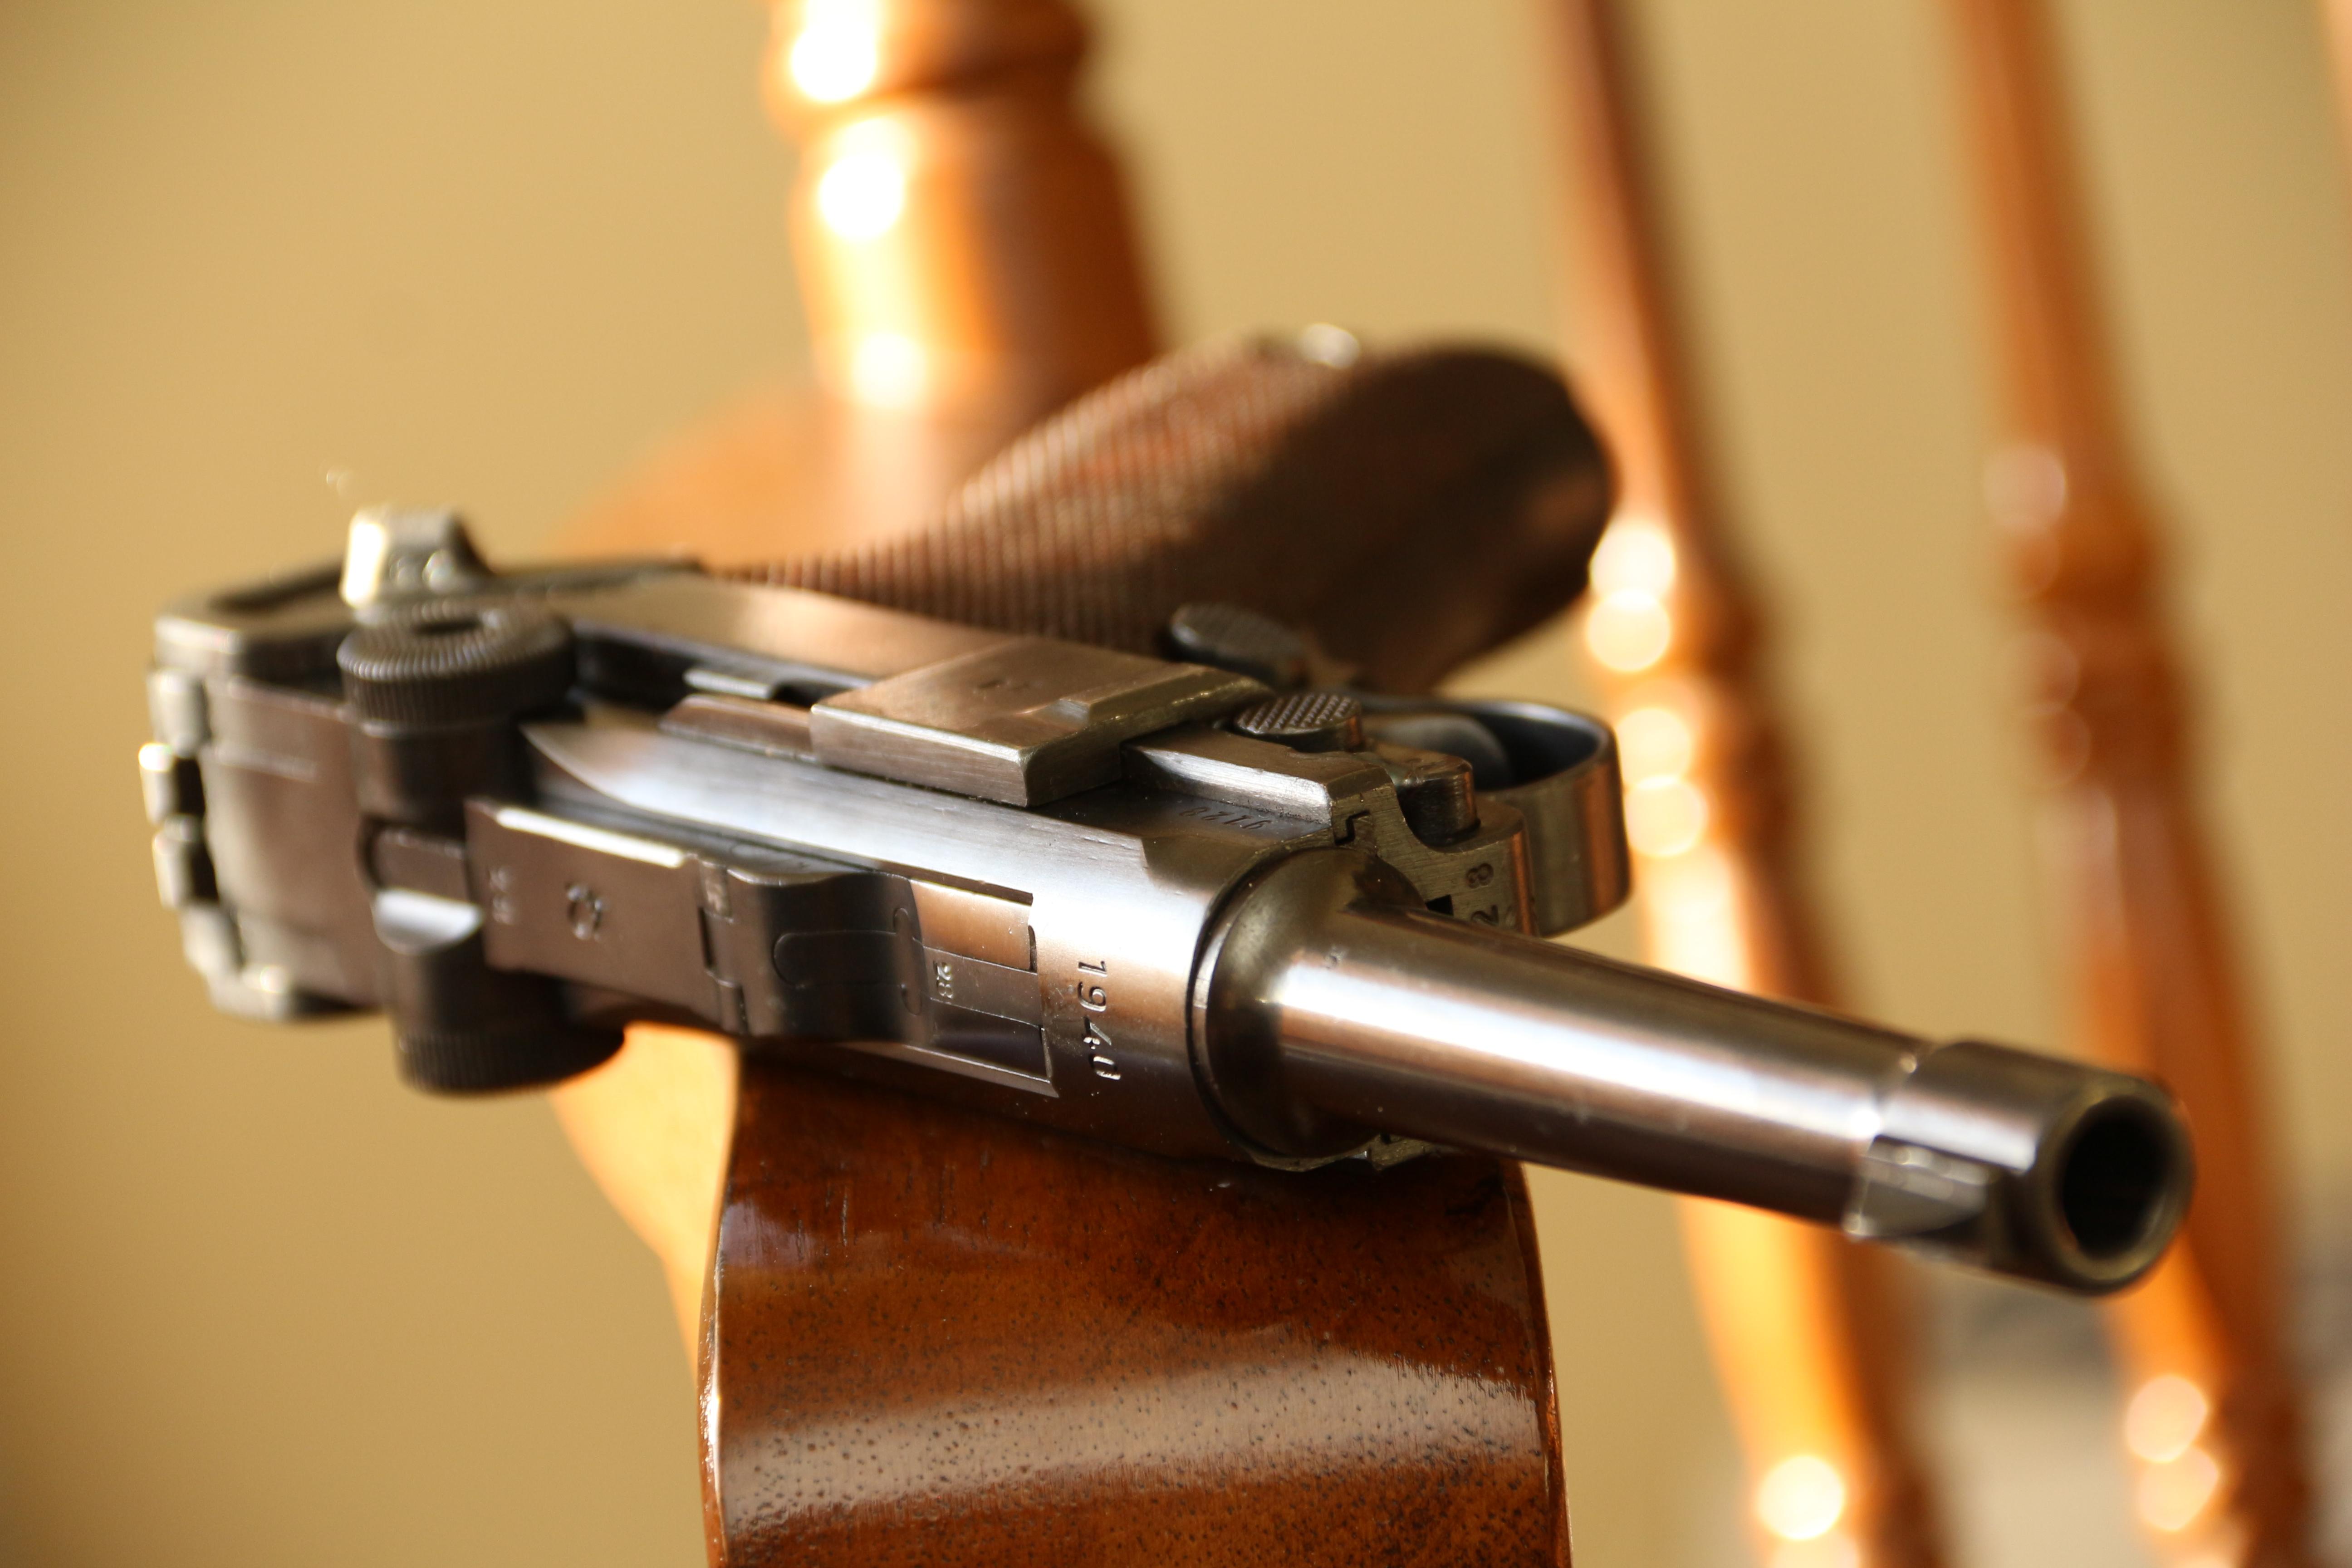 Пистолет Люгер Парабеллум P-08 #9128, выпуск 1940 года, люкс